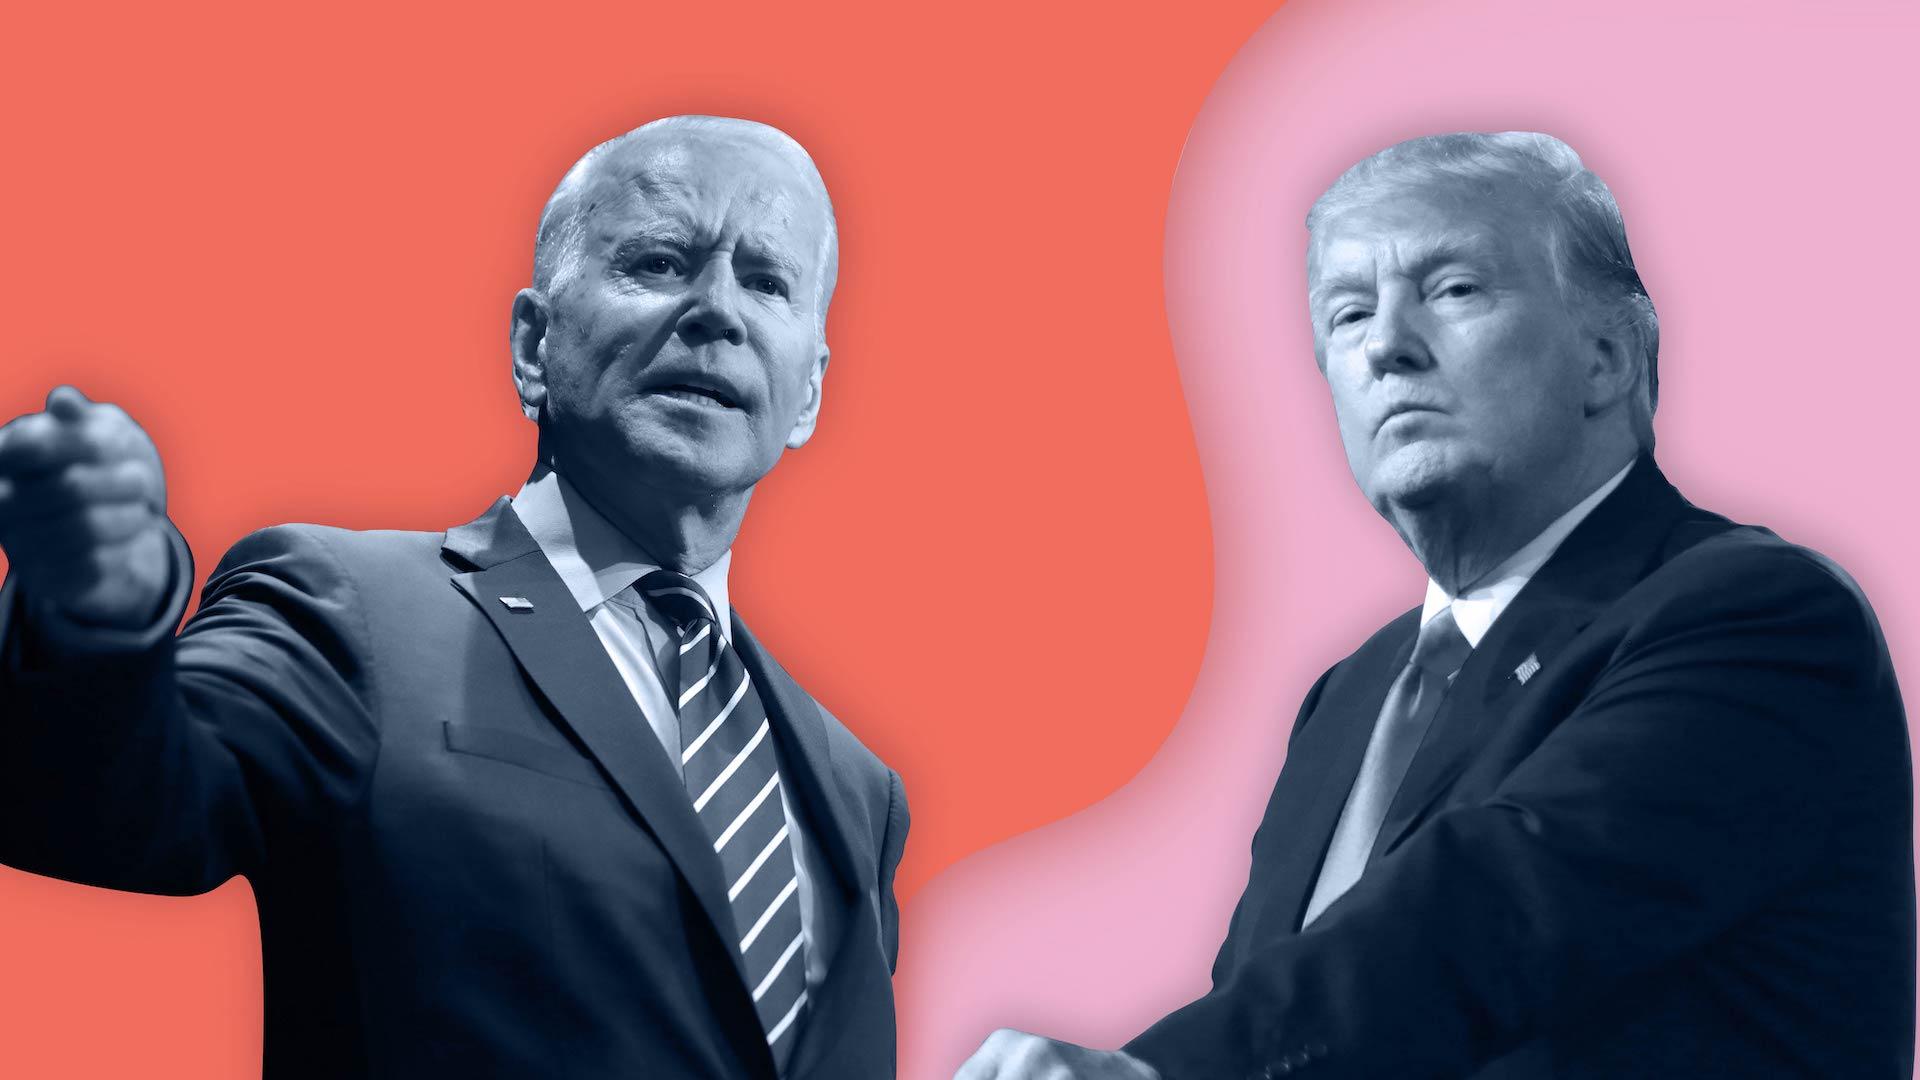 Ông Biden có thể nối gót người tiền nhiệm Donald Trump, cấm dân Mỹ rót tiền vào doanh nghiệp Trung Quốc - Ảnh 1.